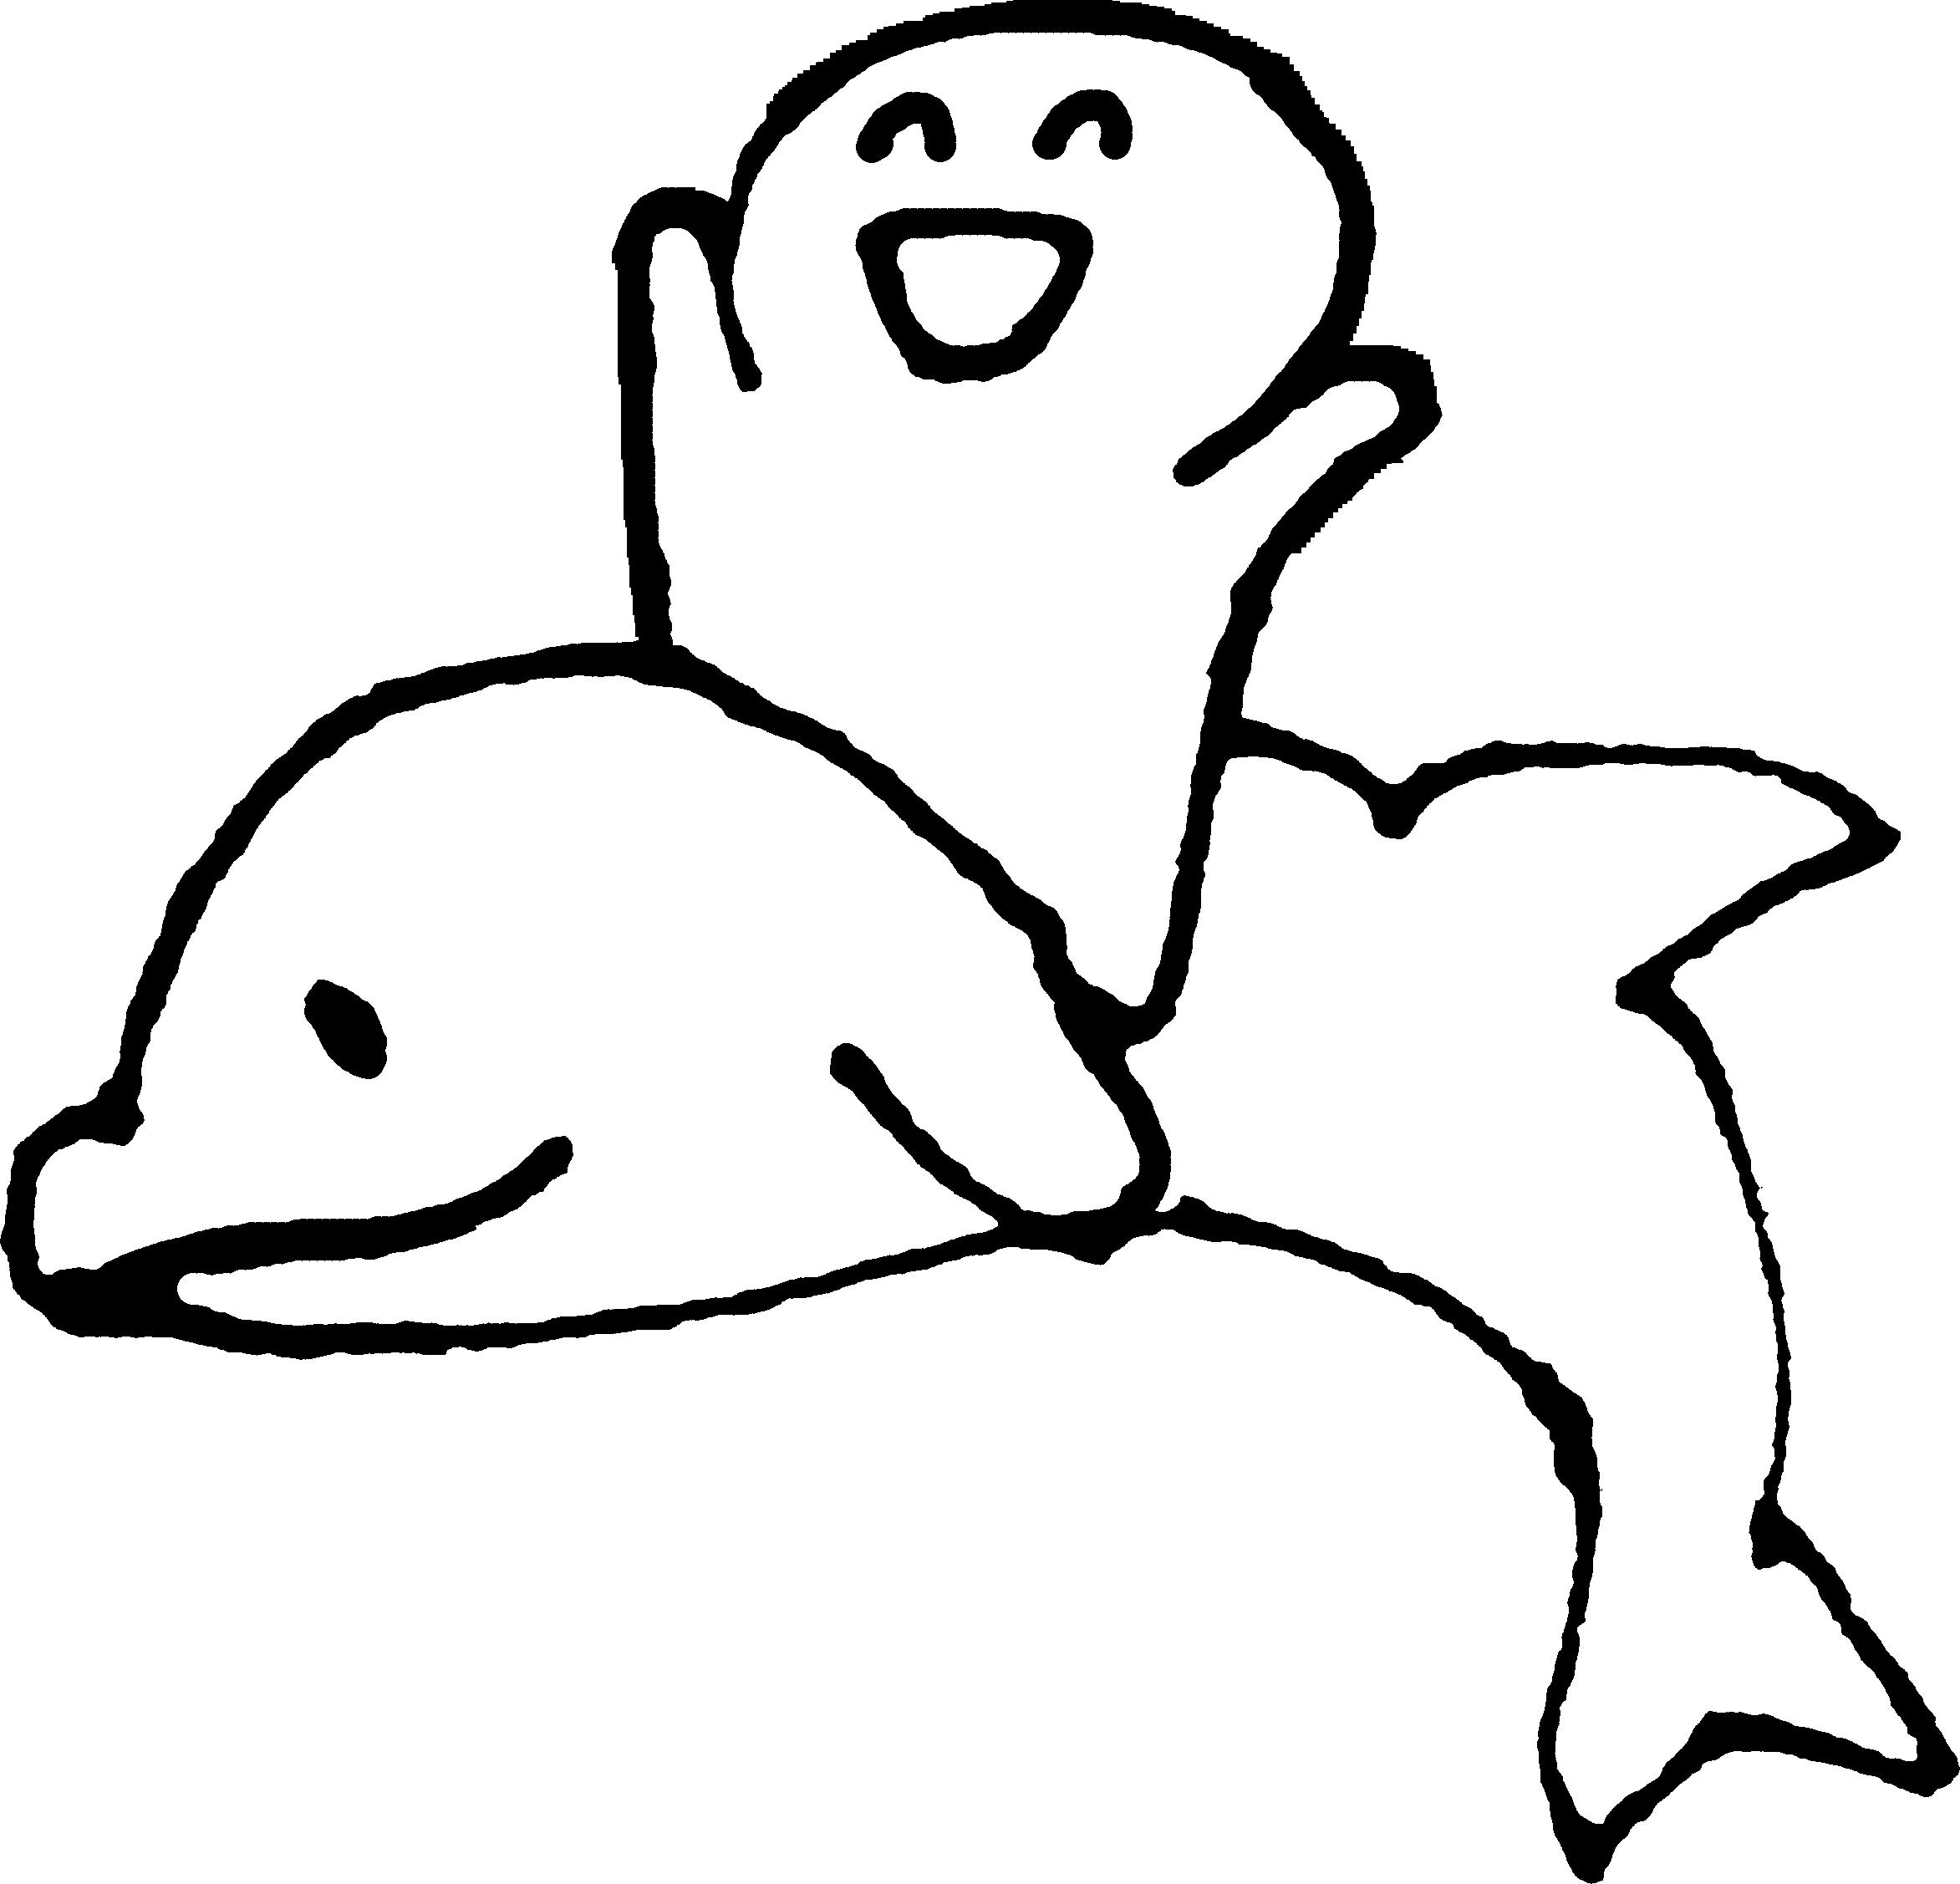 イルカに乗るイラスト Ride a dolphin